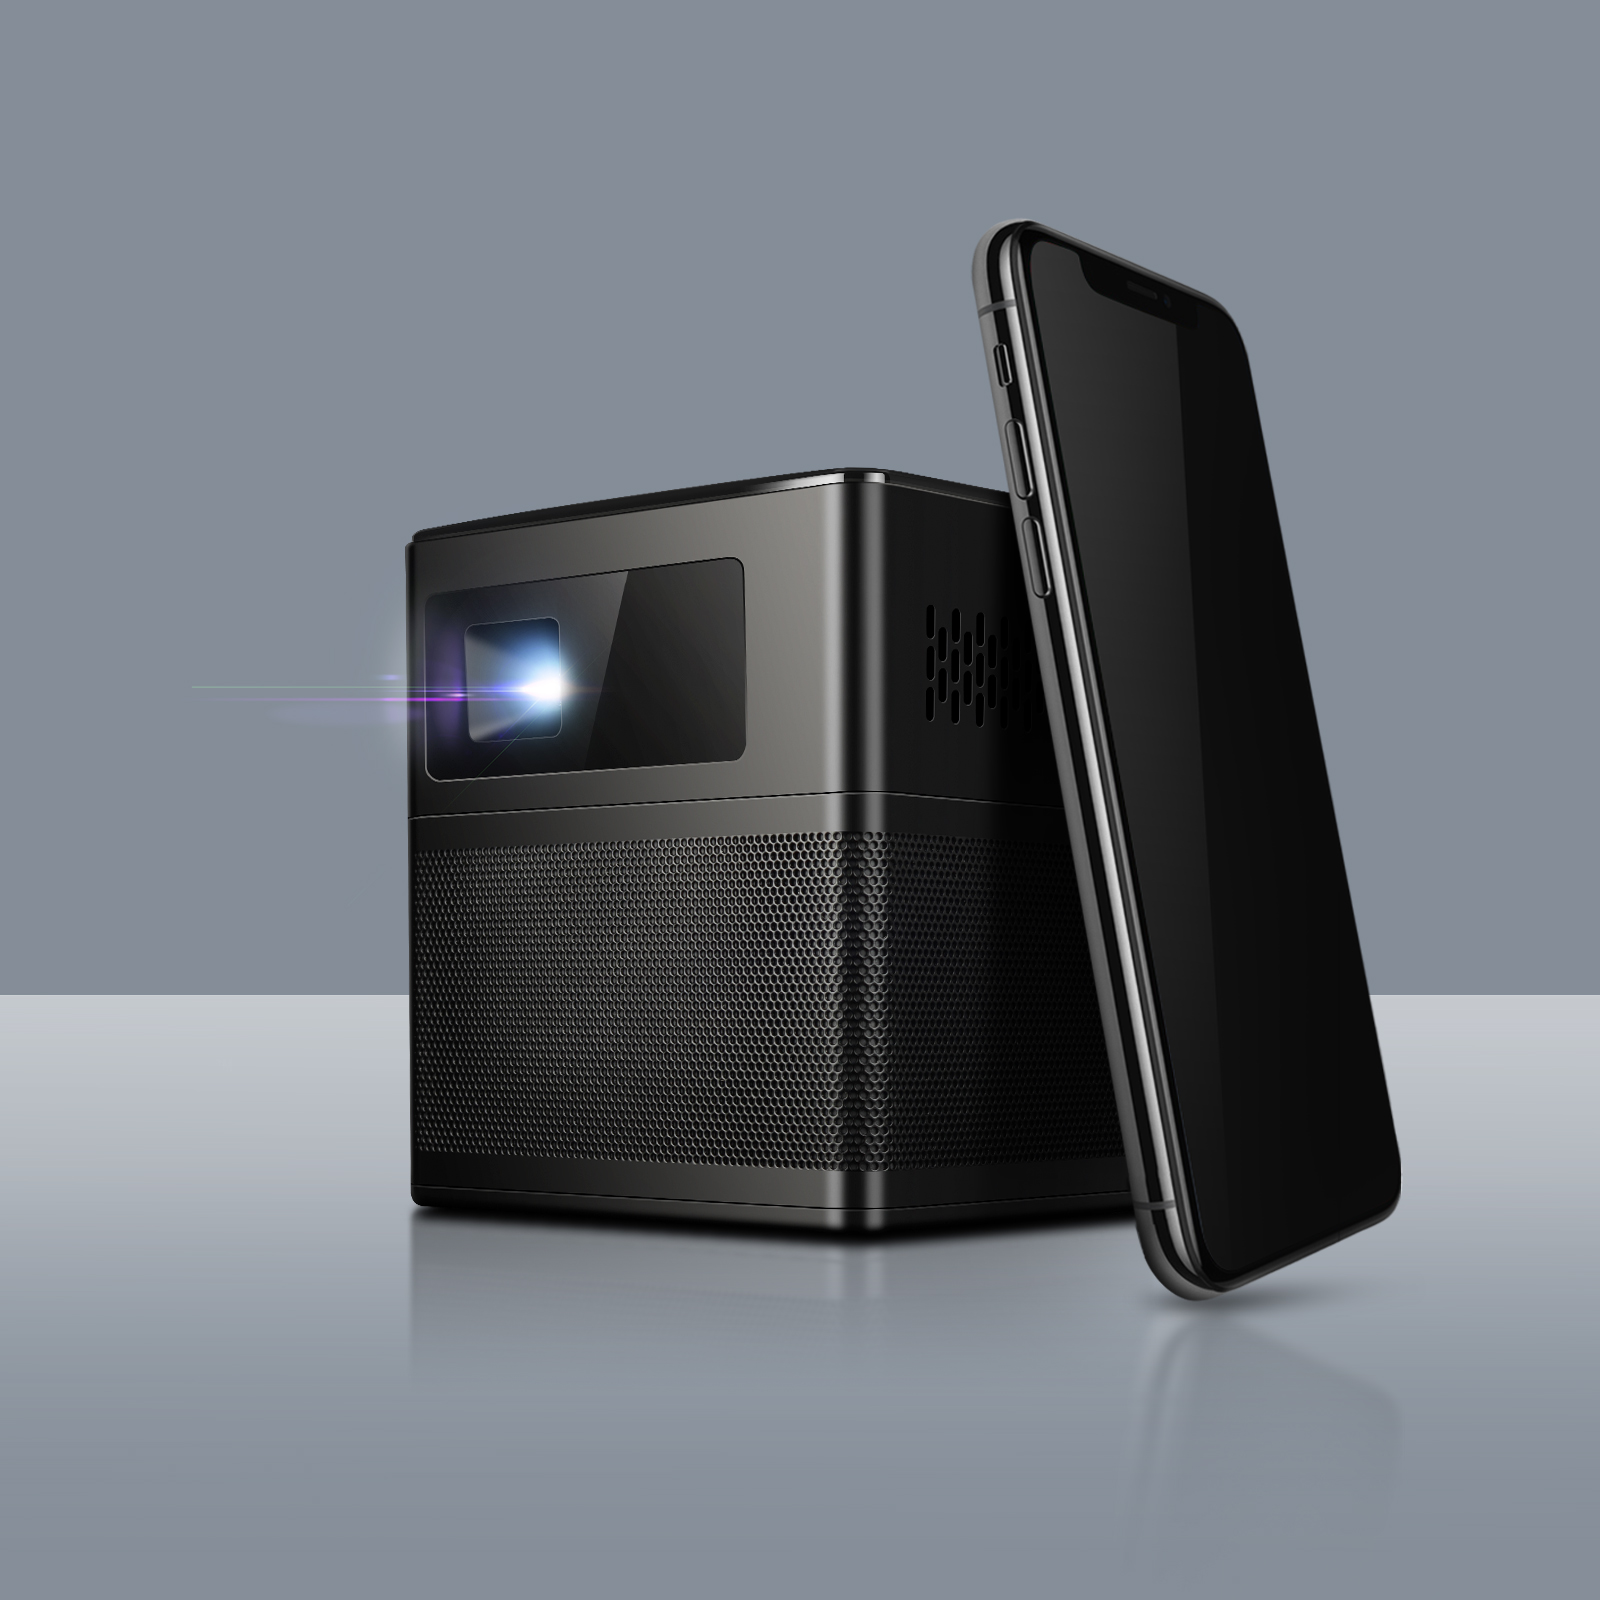 Смарт Портативный Луч Wifi тв телефон Android для наружной рекламы видео 480p Proyector 4k мини 3d 1080hd светодиодный проектор 1080